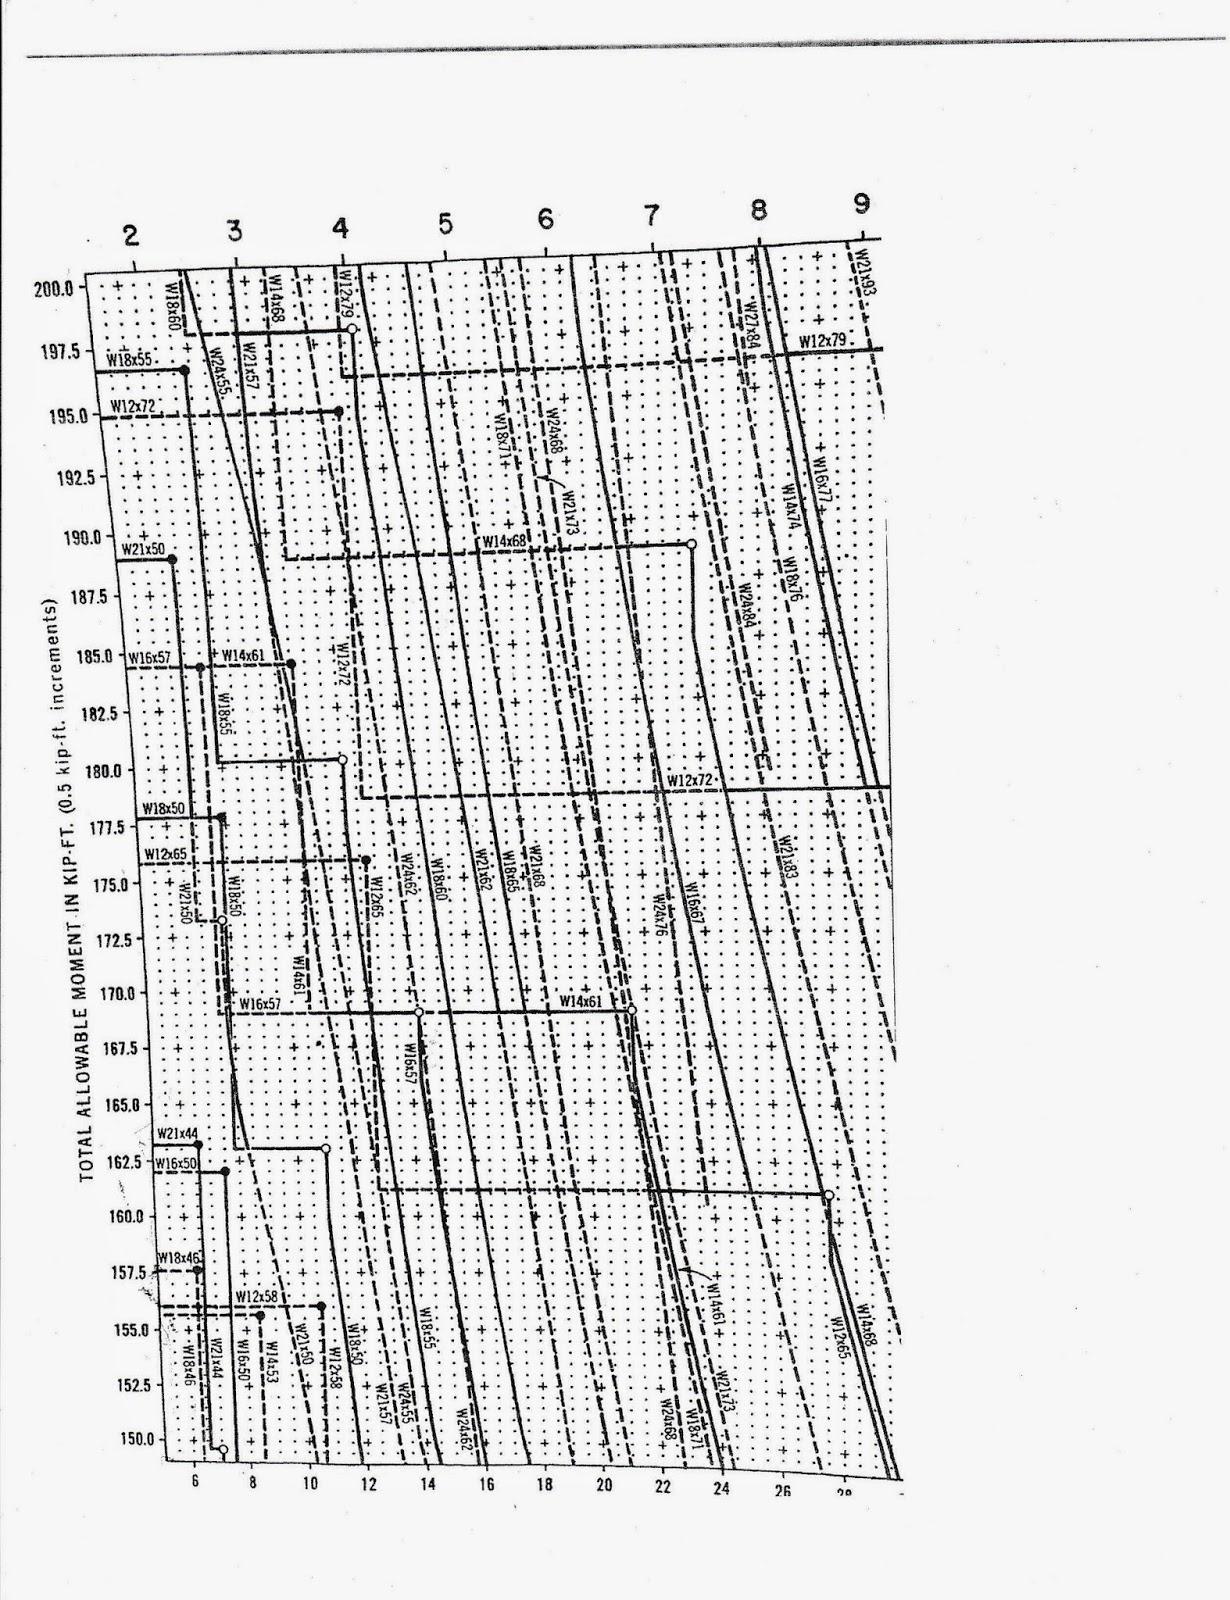 Acero madera arquitectura tablas acero - Acero construction ...